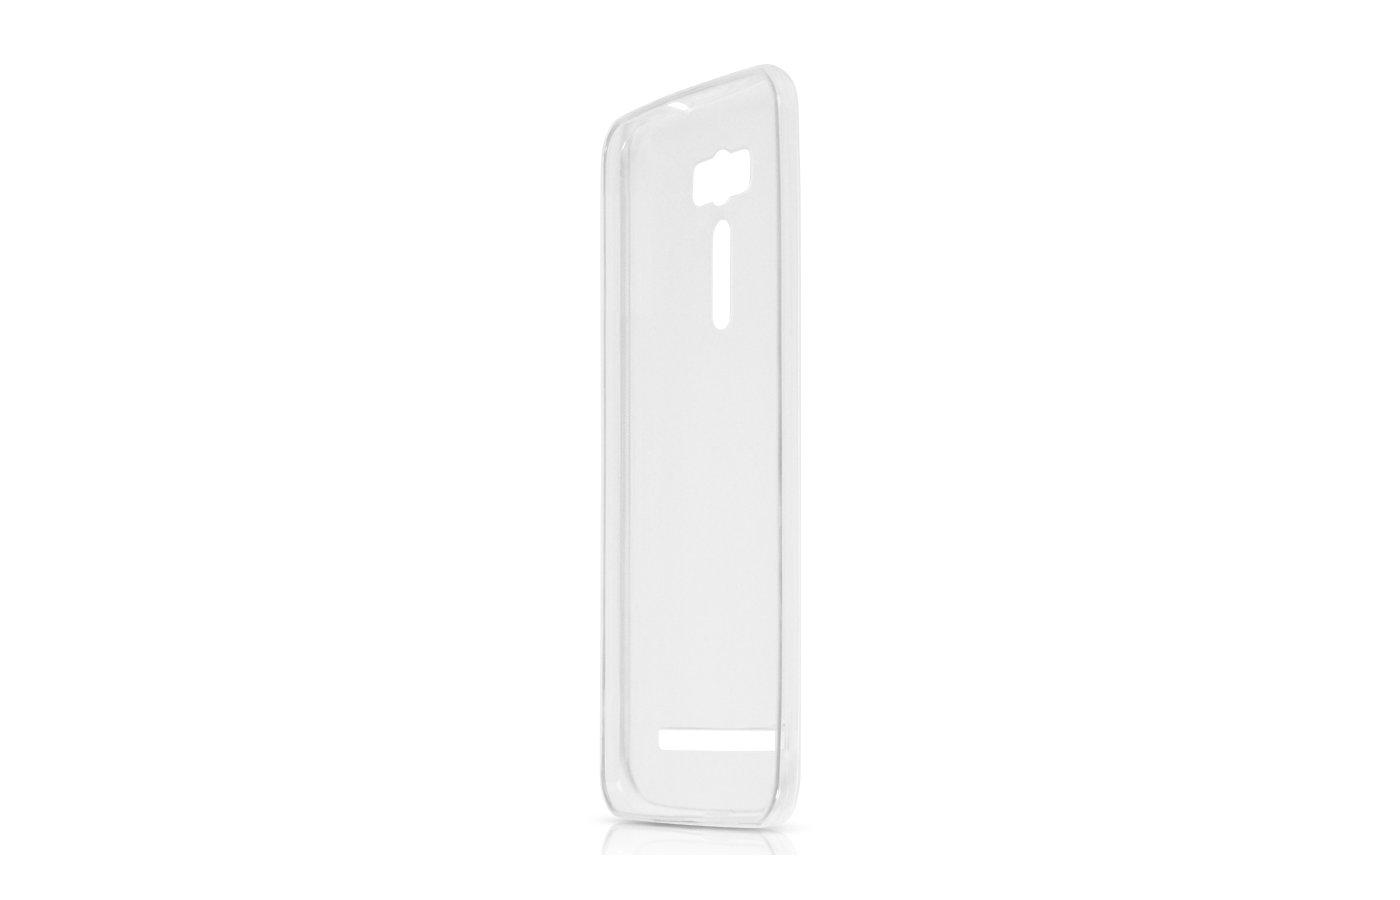 Чехол DF для Asus ZenFone 2 Laser (ZE600KL/ZE601KL) aCase-09